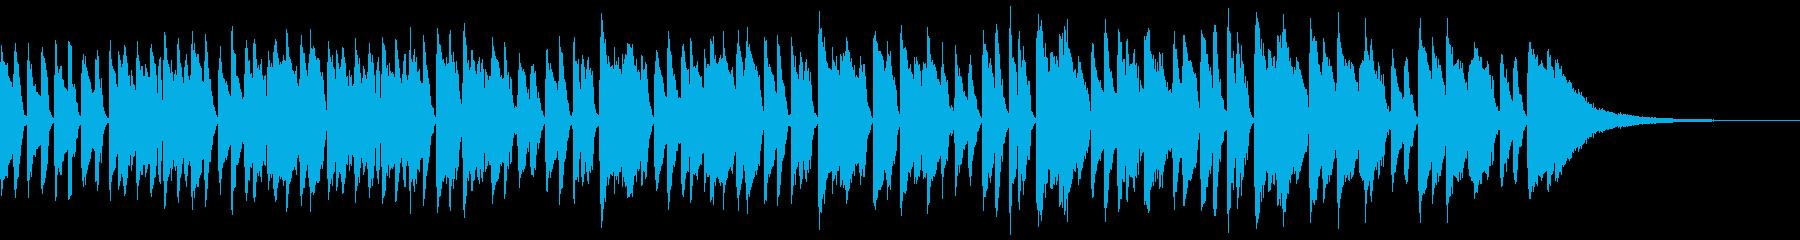 退屈なブルースギターの再生済みの波形